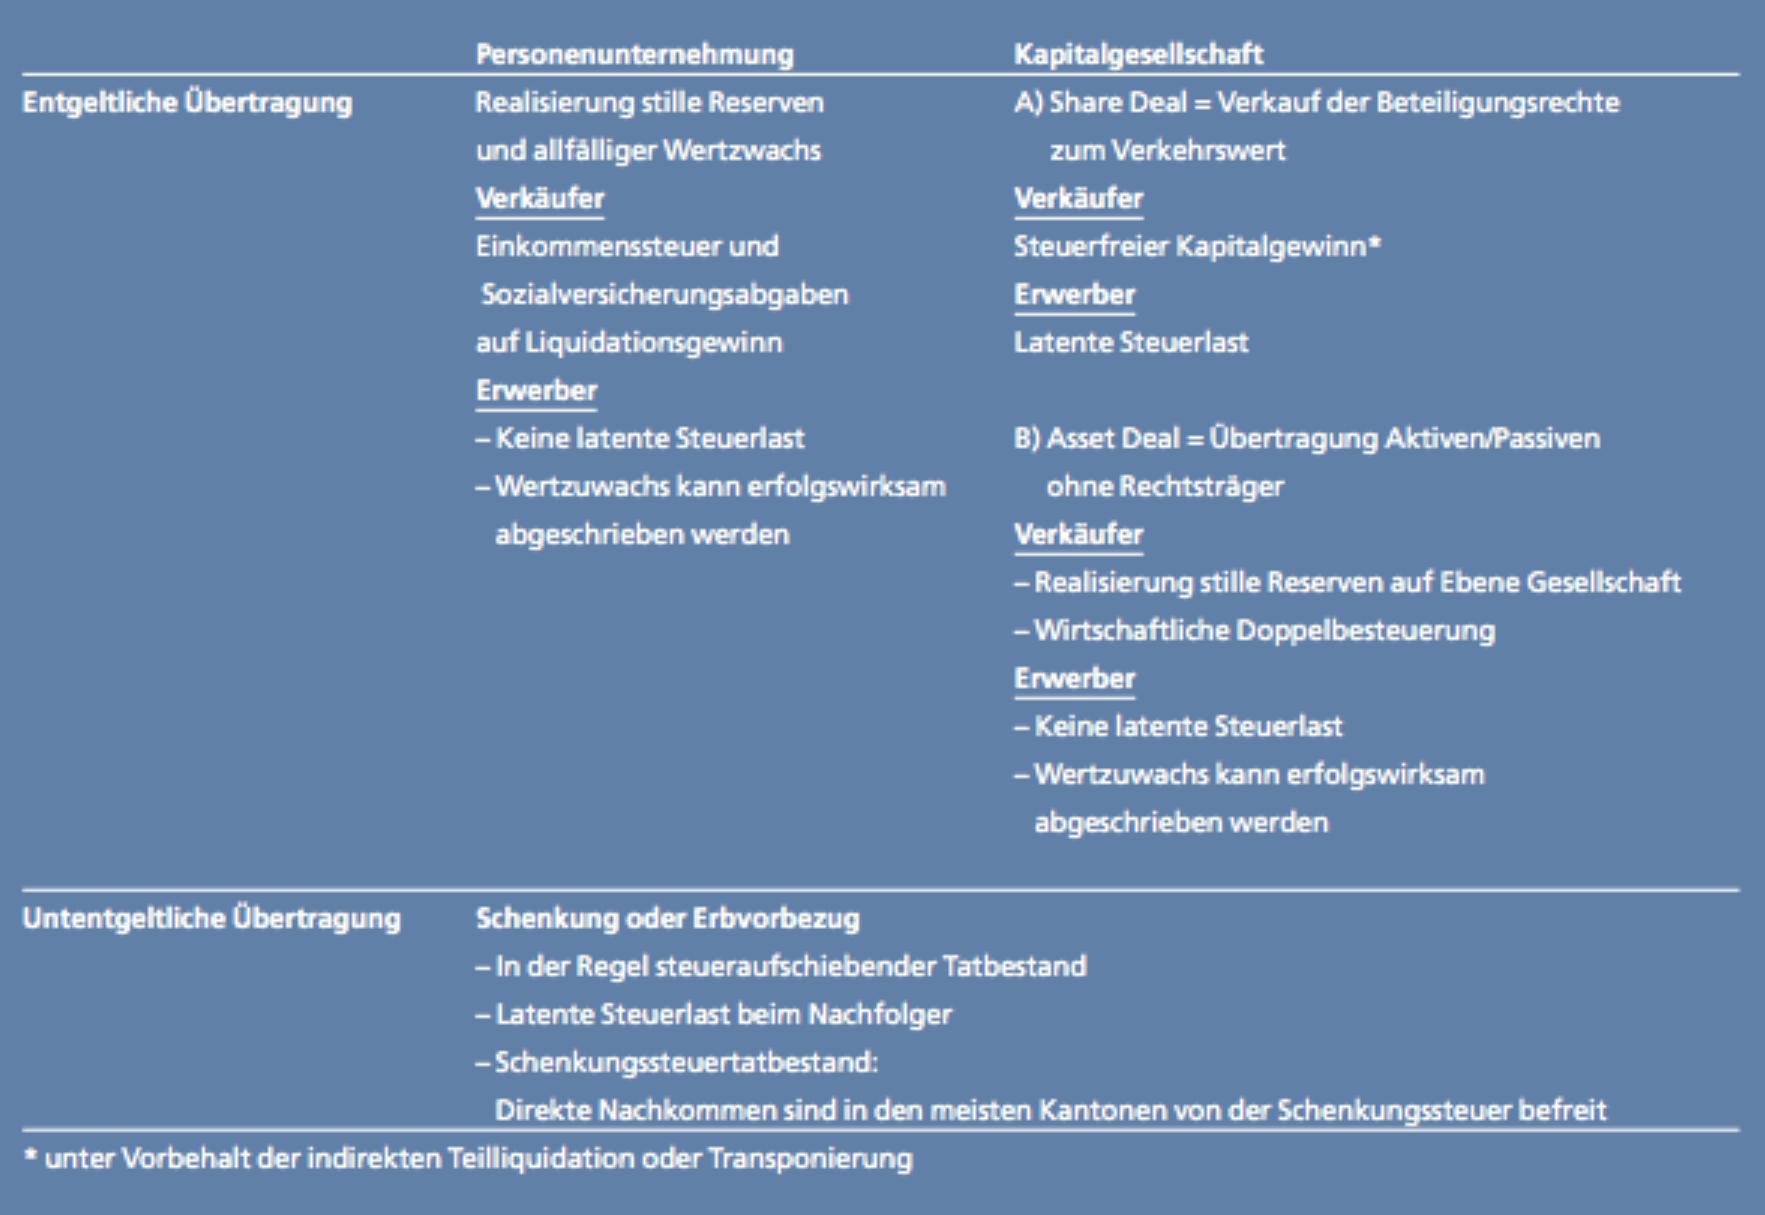 Publikation Aspekte Unternehmungsnachfolge